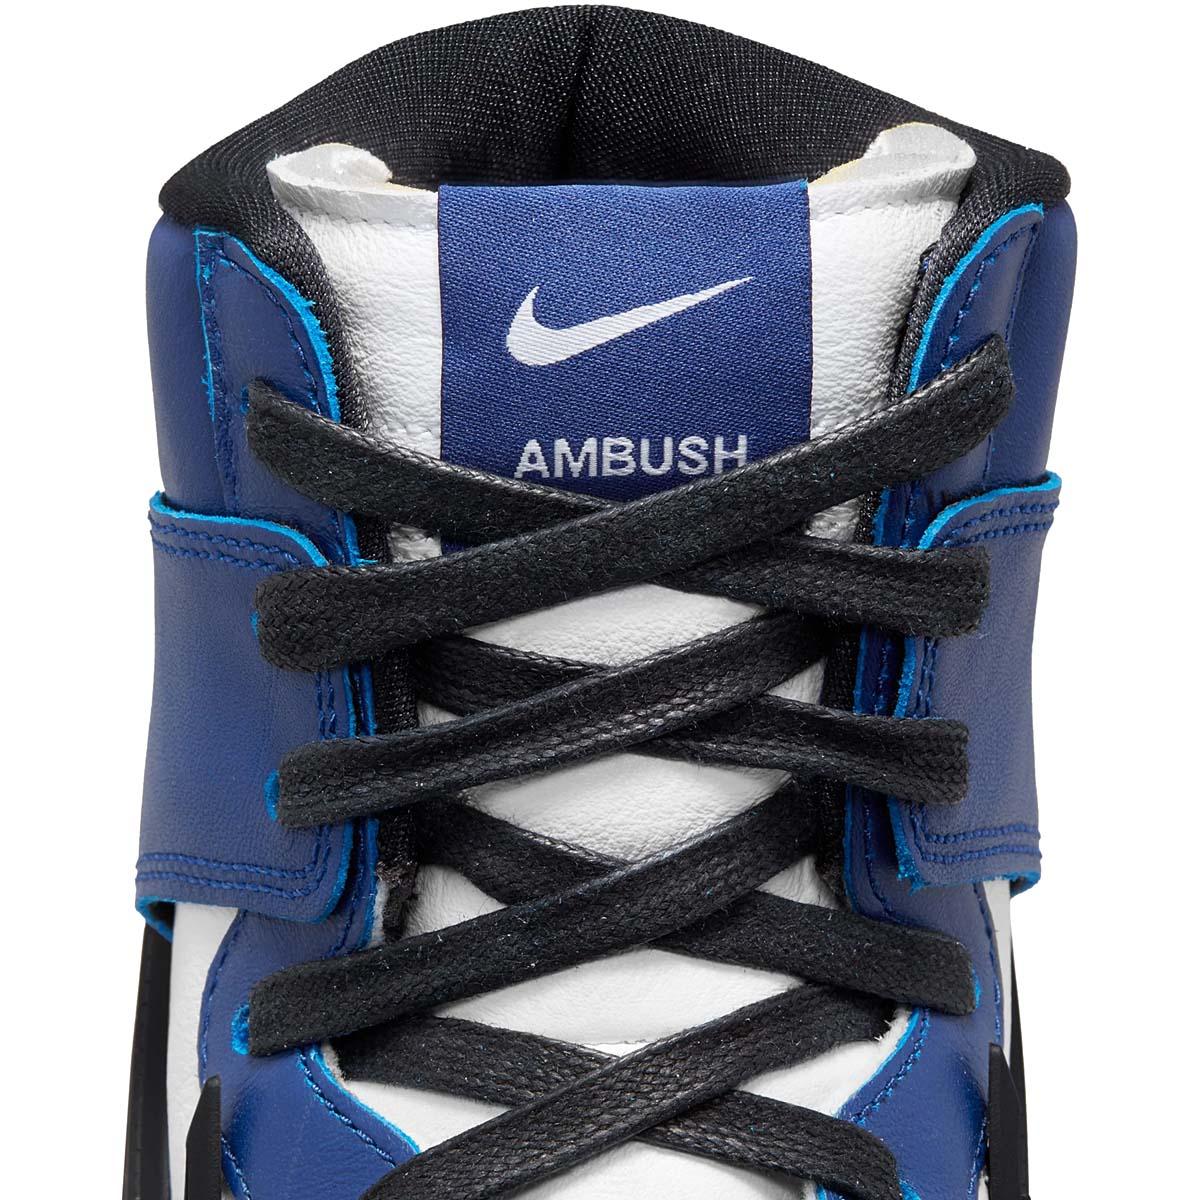 AMBUSH × NIKE DUNK HIGH DEEP ROYAL DEEP ROYAL BLUE / WHITE-PALE IVORY-BLACK CU7544-400 アンブッシュ × ナイキ ダンク ハイ ディープ・ロイヤル ブルー/ホワイト